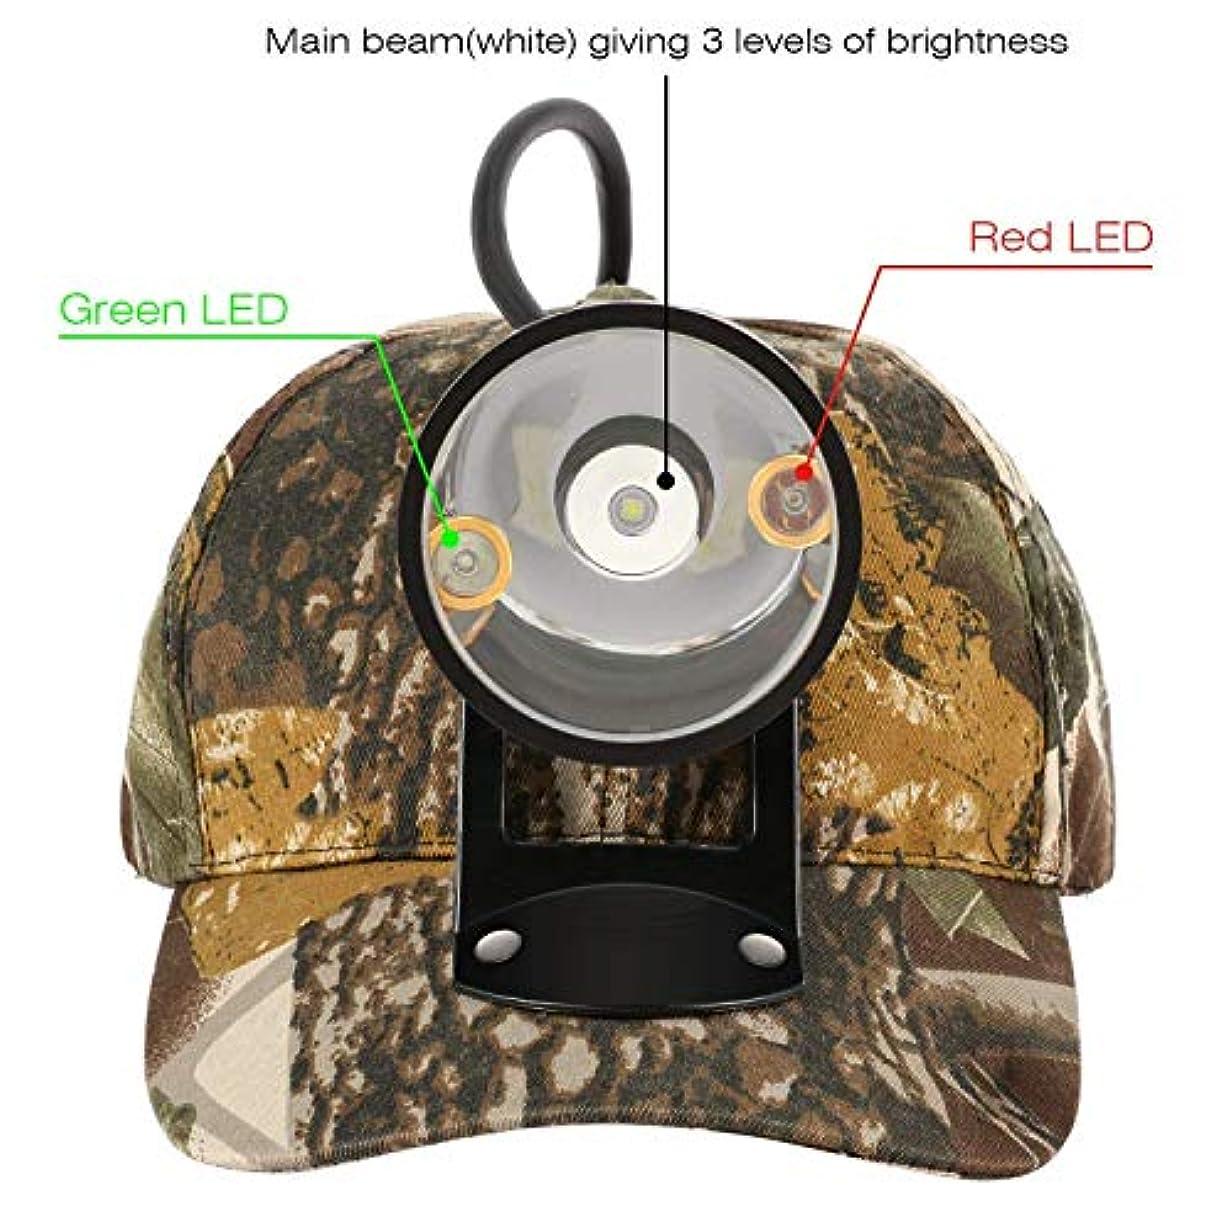 哲学その間傷跡[Kohree][Kohree CREE 80000 LUX LED Coyote Hog Coon Hunting Light, Rechargeable Predator Hunting, 3 LED Cap Light, 5 Position Switch, Multiple Colors (White Red Green) + Soft Cap](並行輸入品)